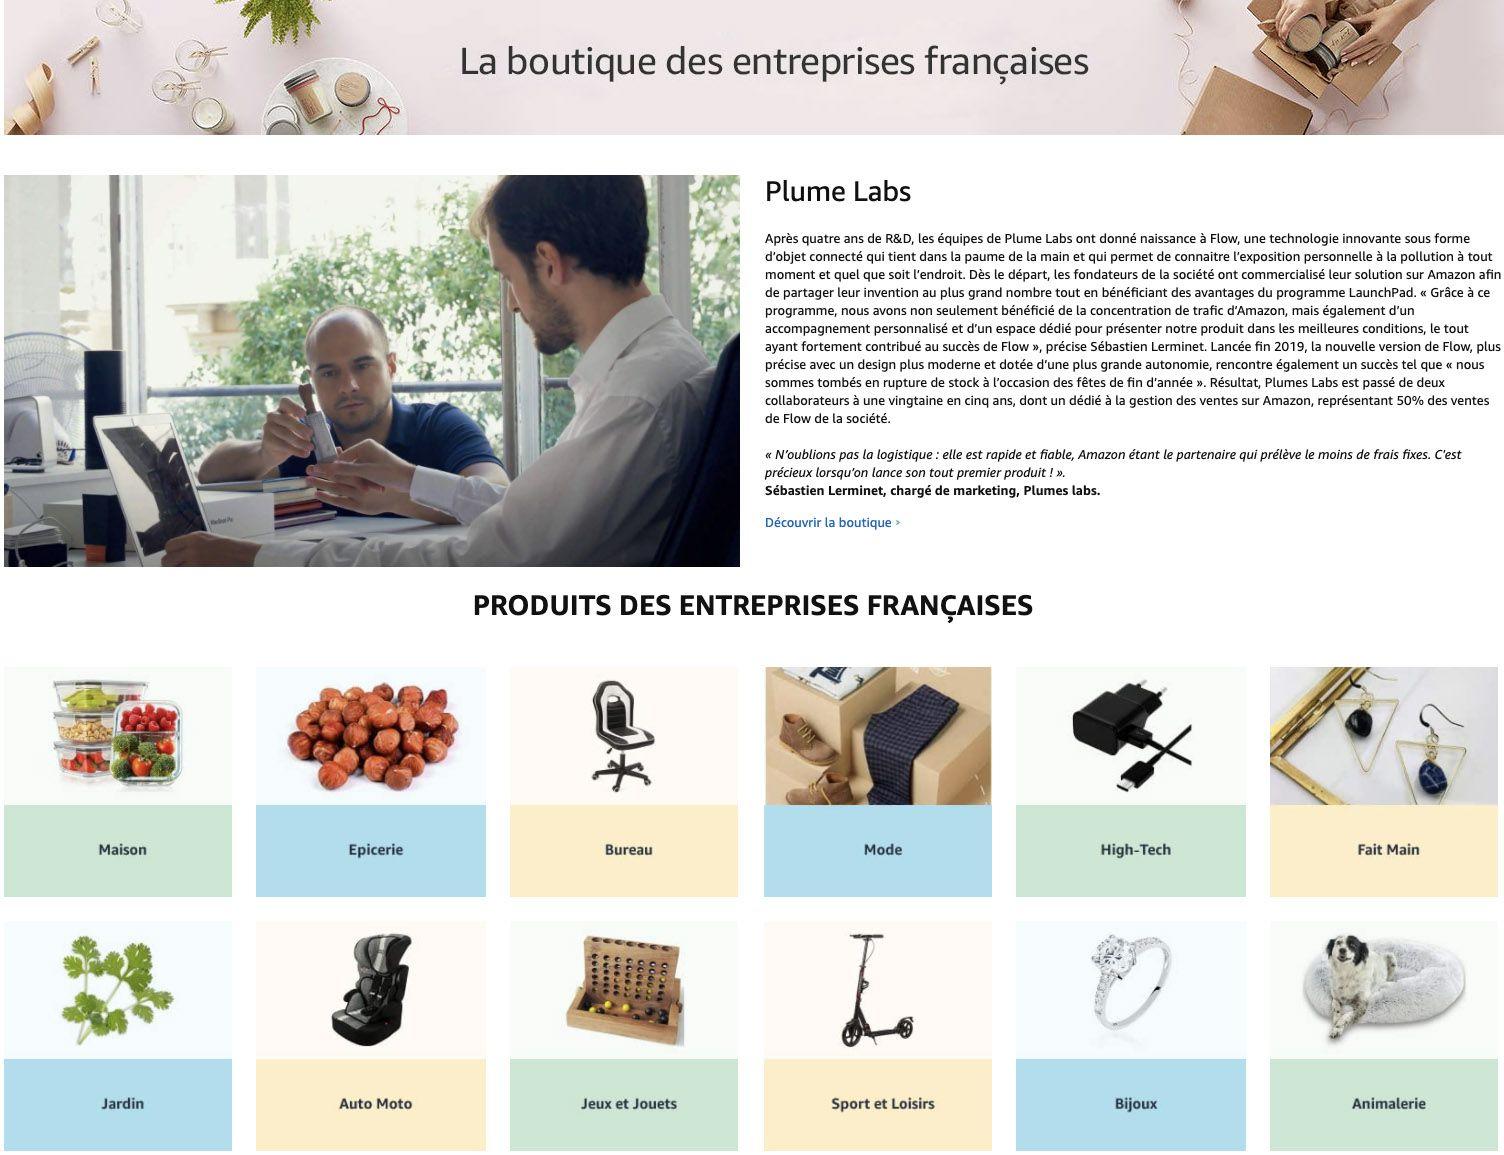 """La page de présentation de """"la boutique des entreprises françaises"""" sur Amazon"""